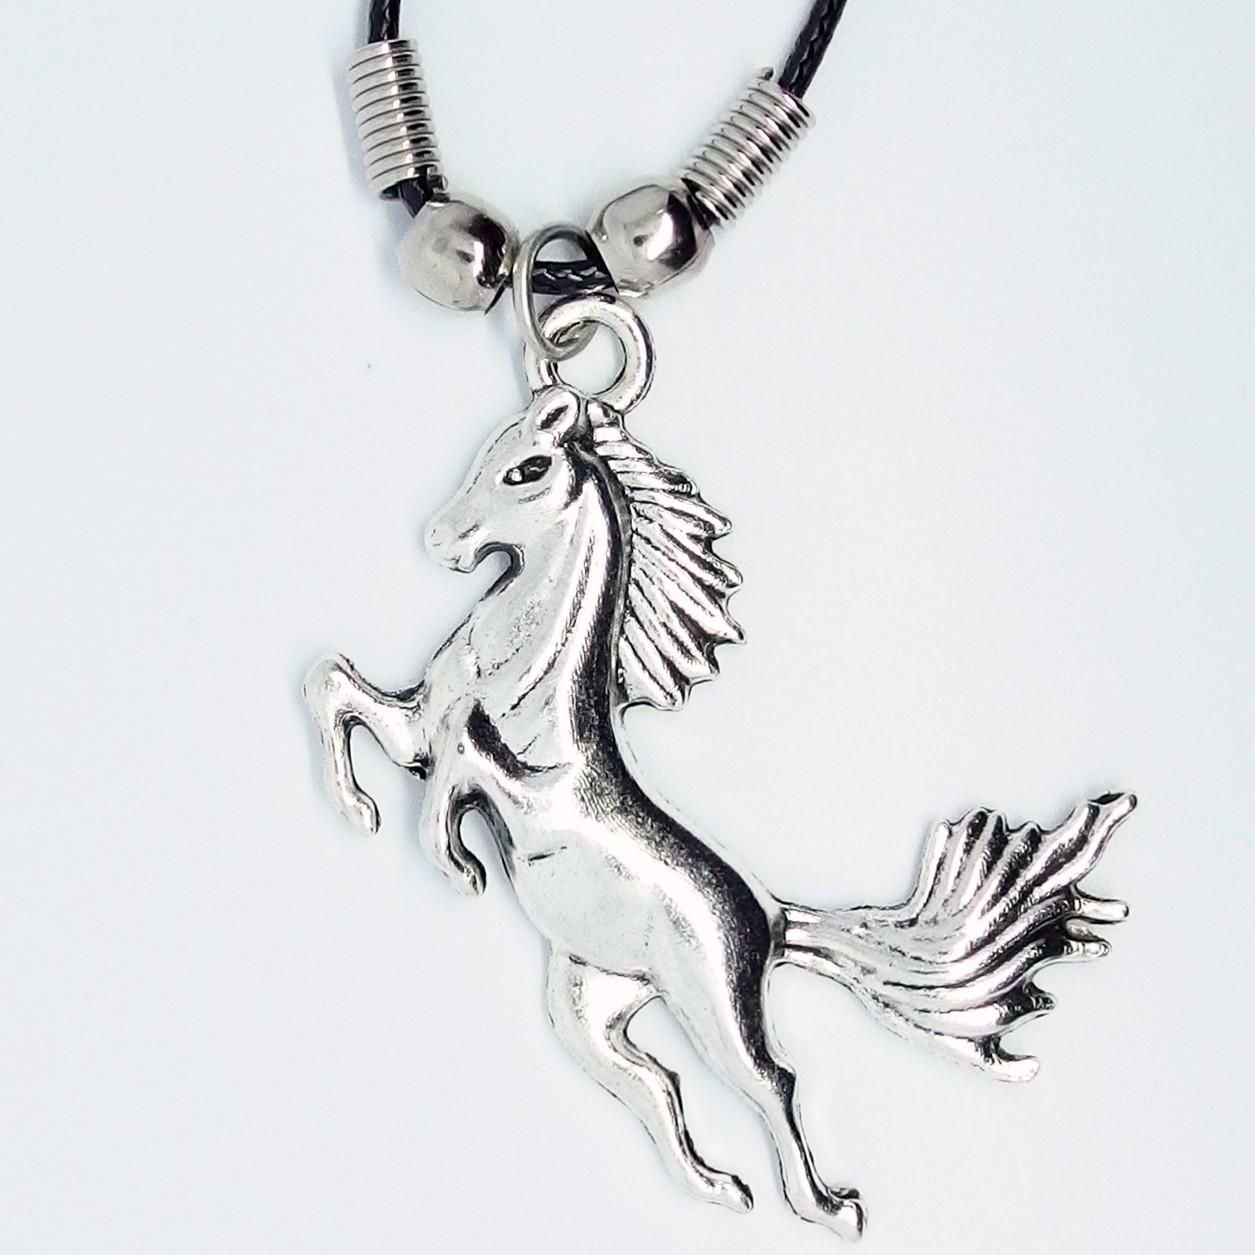 MK149 - Ketten springendes Pferd